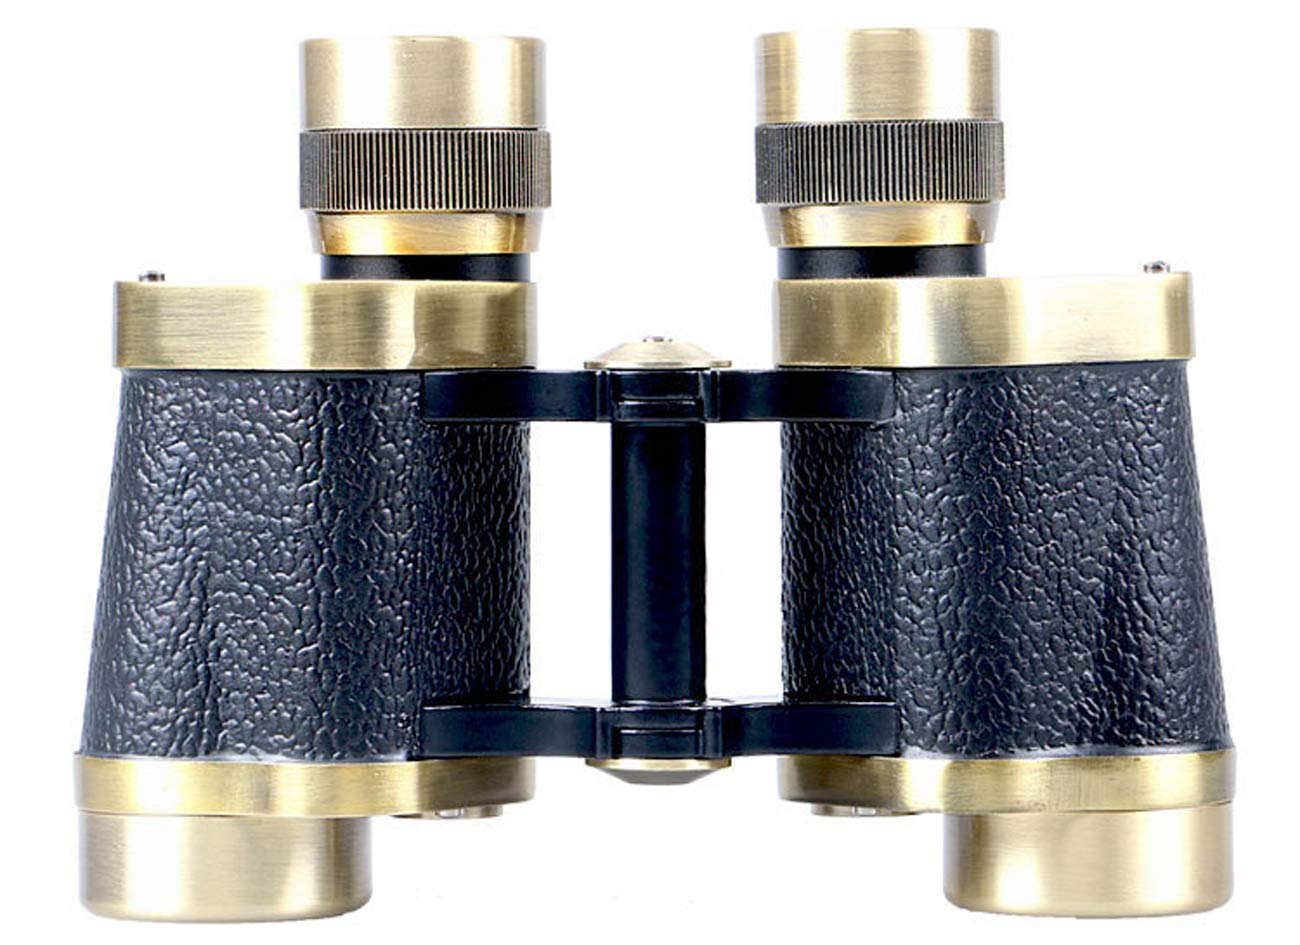 【税込?送料無料】 双眼鏡8x30グライマーテスト金属高倍率防水62スタイルポータブル望遠鏡大人と子供の屋外に適してバードウォッチング真鍮 B07MDB5JW2 B07MDB5JW2, モダンファニチャー nuqmo:e5ba3c98 --- a0267596.xsph.ru